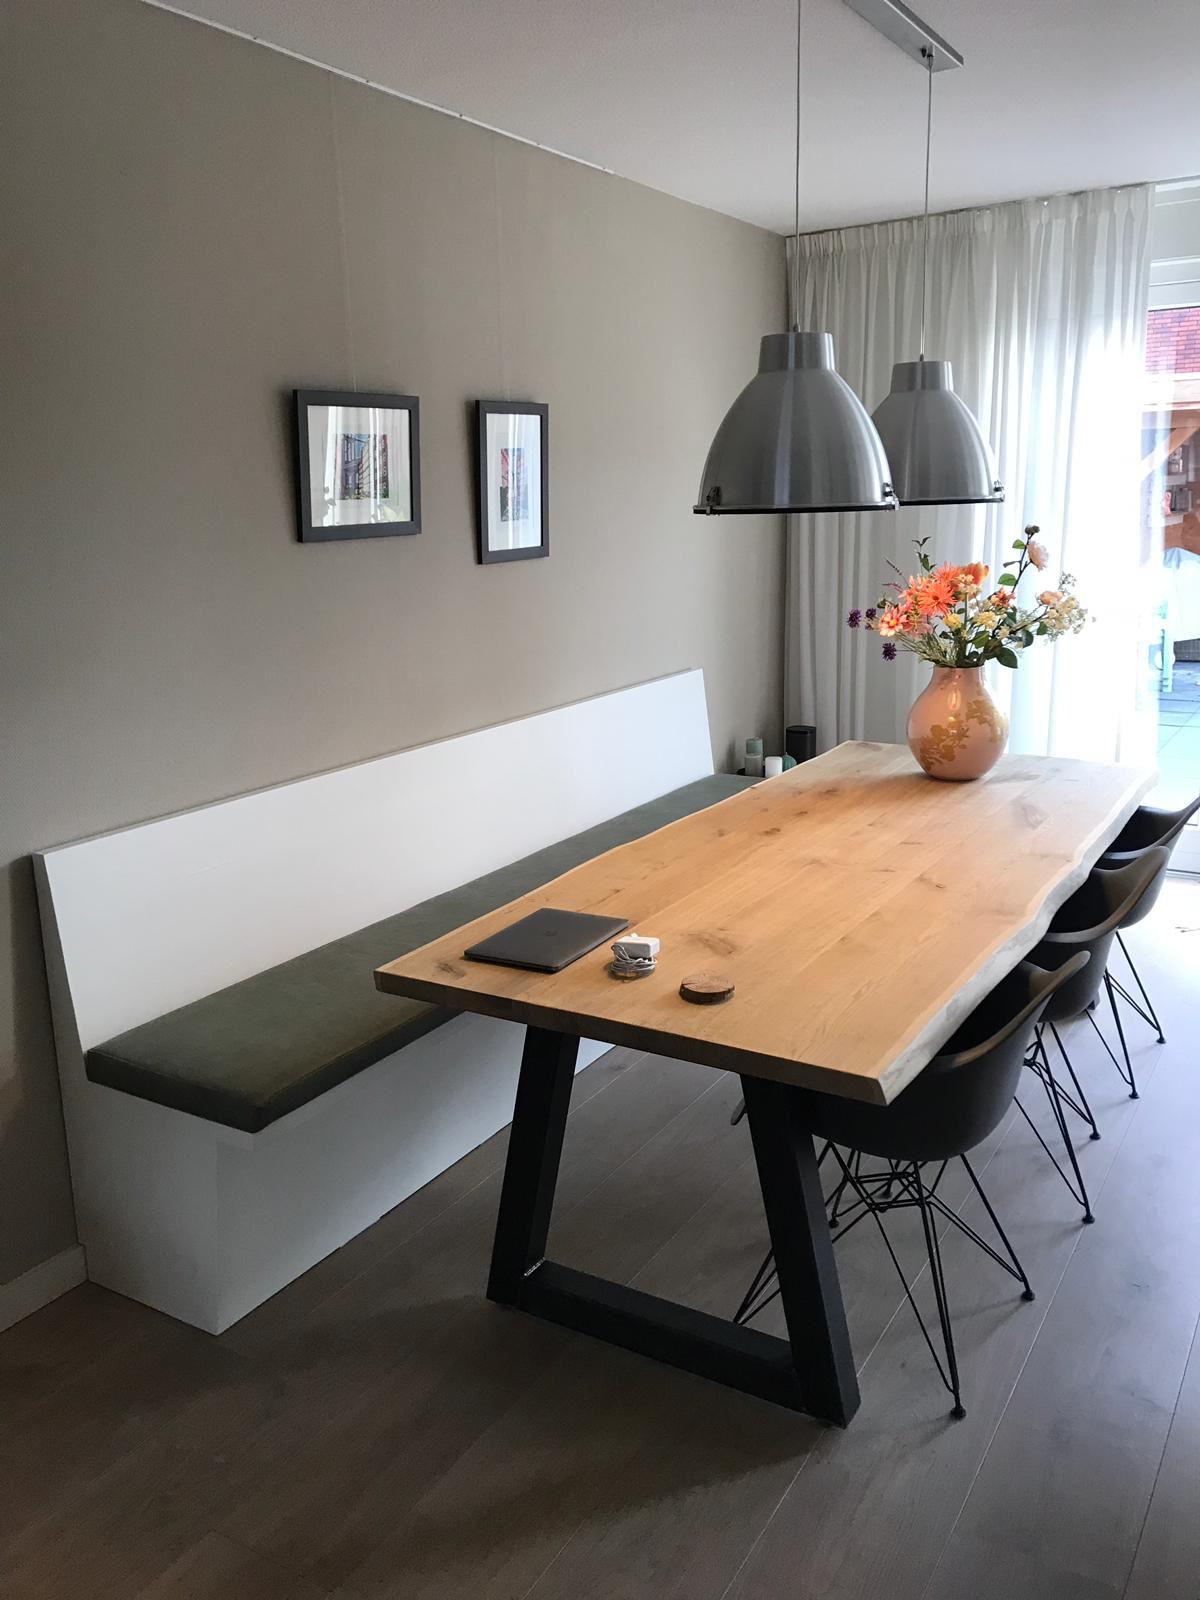 Bank Voor Keukentafel.Houten Eetbank Wandbank Voor Aan De Eettafel Perfecte Oplossing